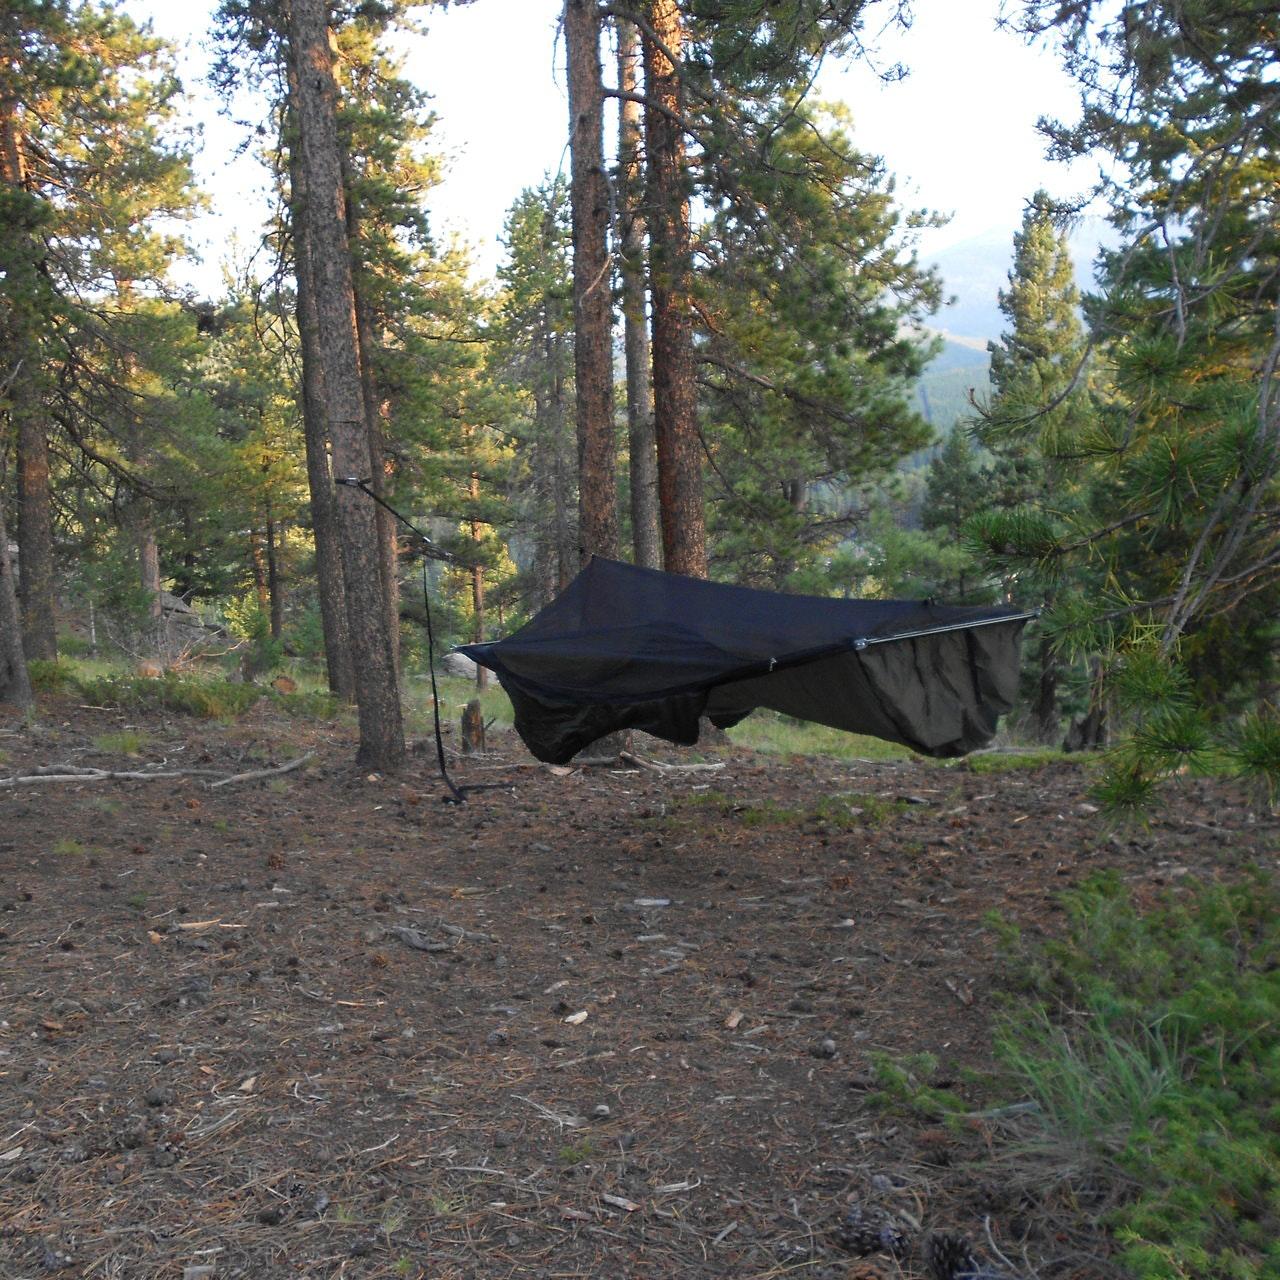 Flat Sleeping Hammock | Ridgerunner | Warbonnet Outdoors Warbonnet Outdoors